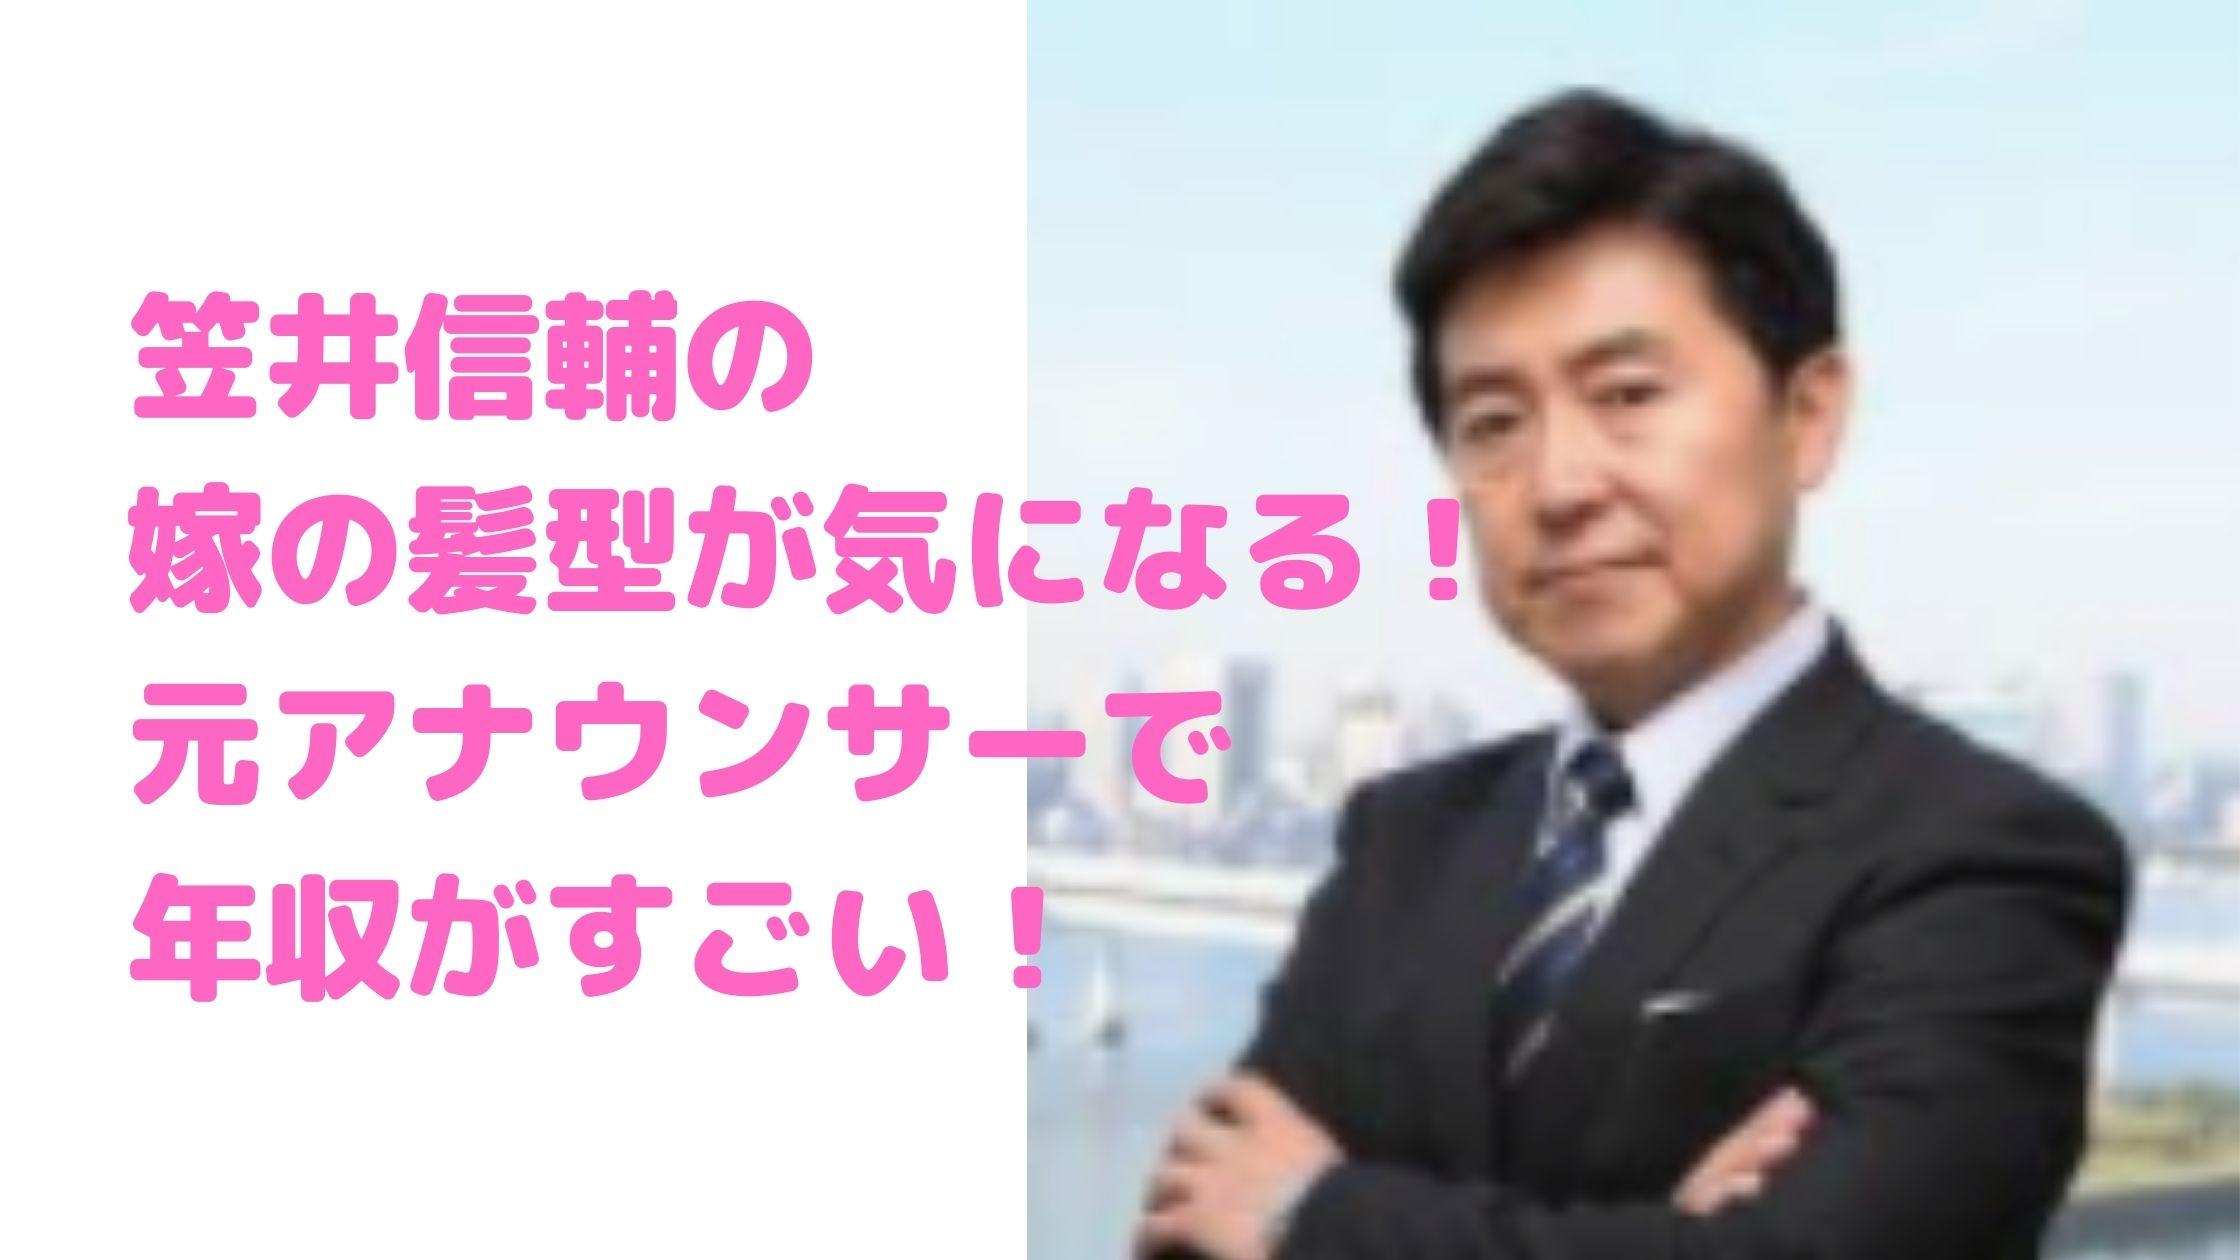 笠井信輔 嫁 髪型 茅原ますみ 年齢 職業 アナウンサー 馴れ初め 年収